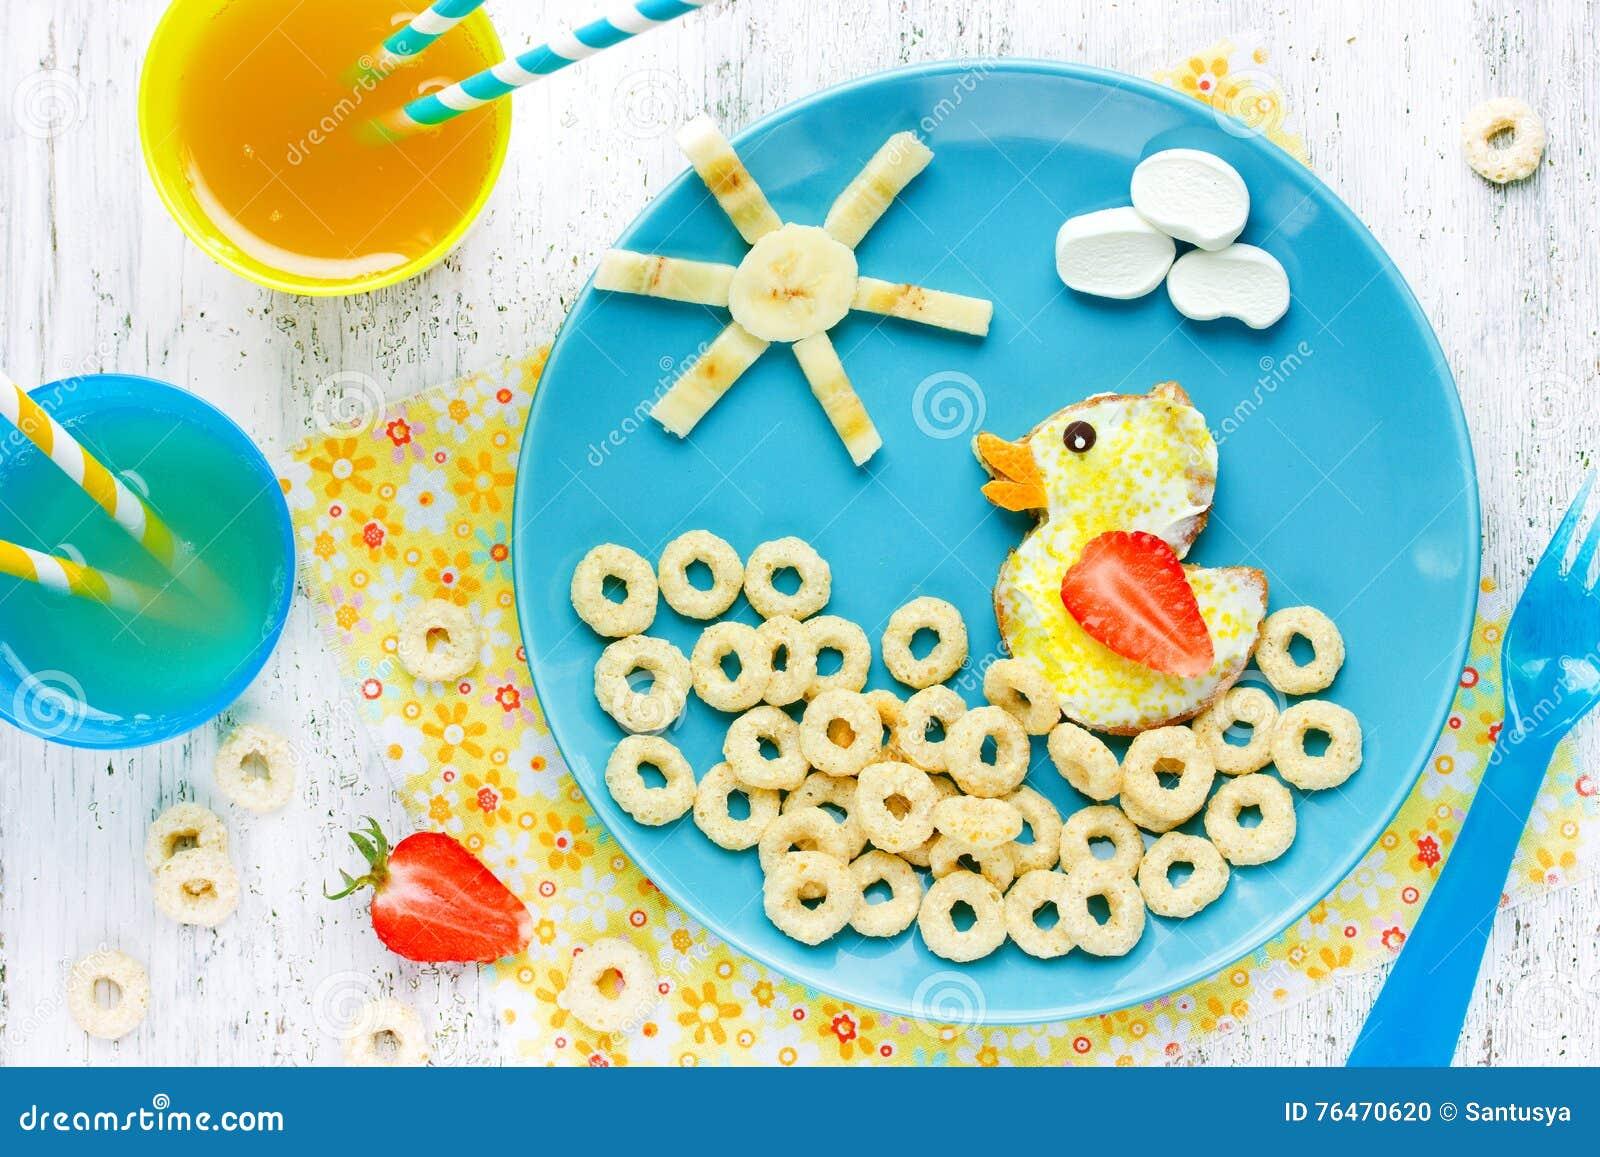 Preferenza Concetto Di Buongiorno, Idea Creativa Per L'alimento Dei Bambini  OZ52